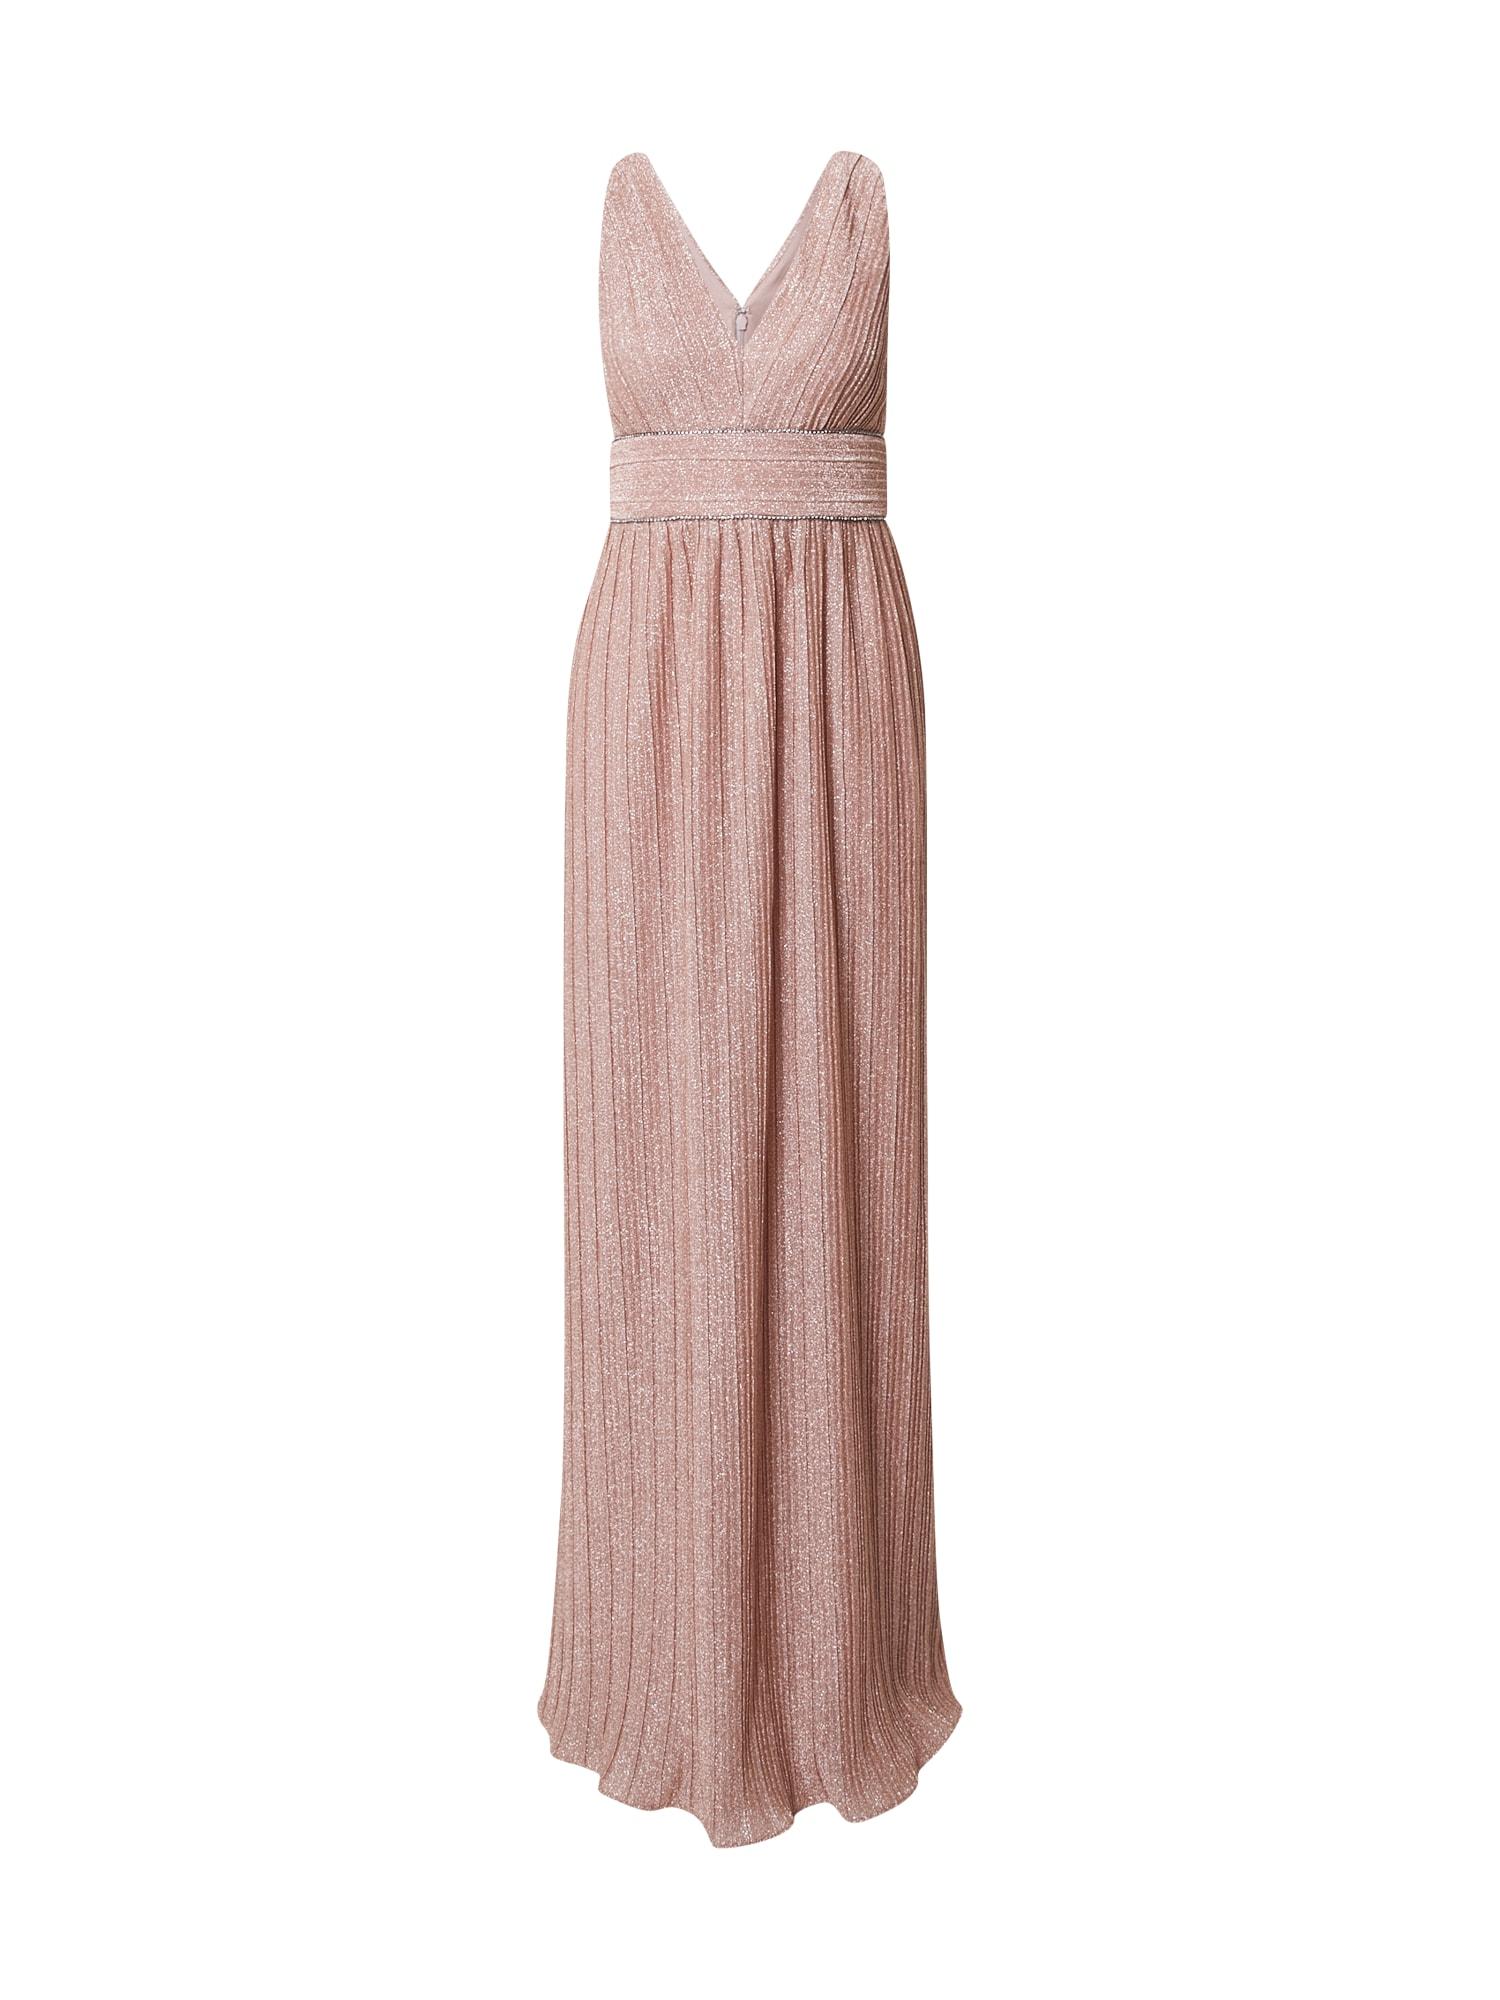 Adrianna Papell Vakarinė suknelė ryškiai rožinė spalva